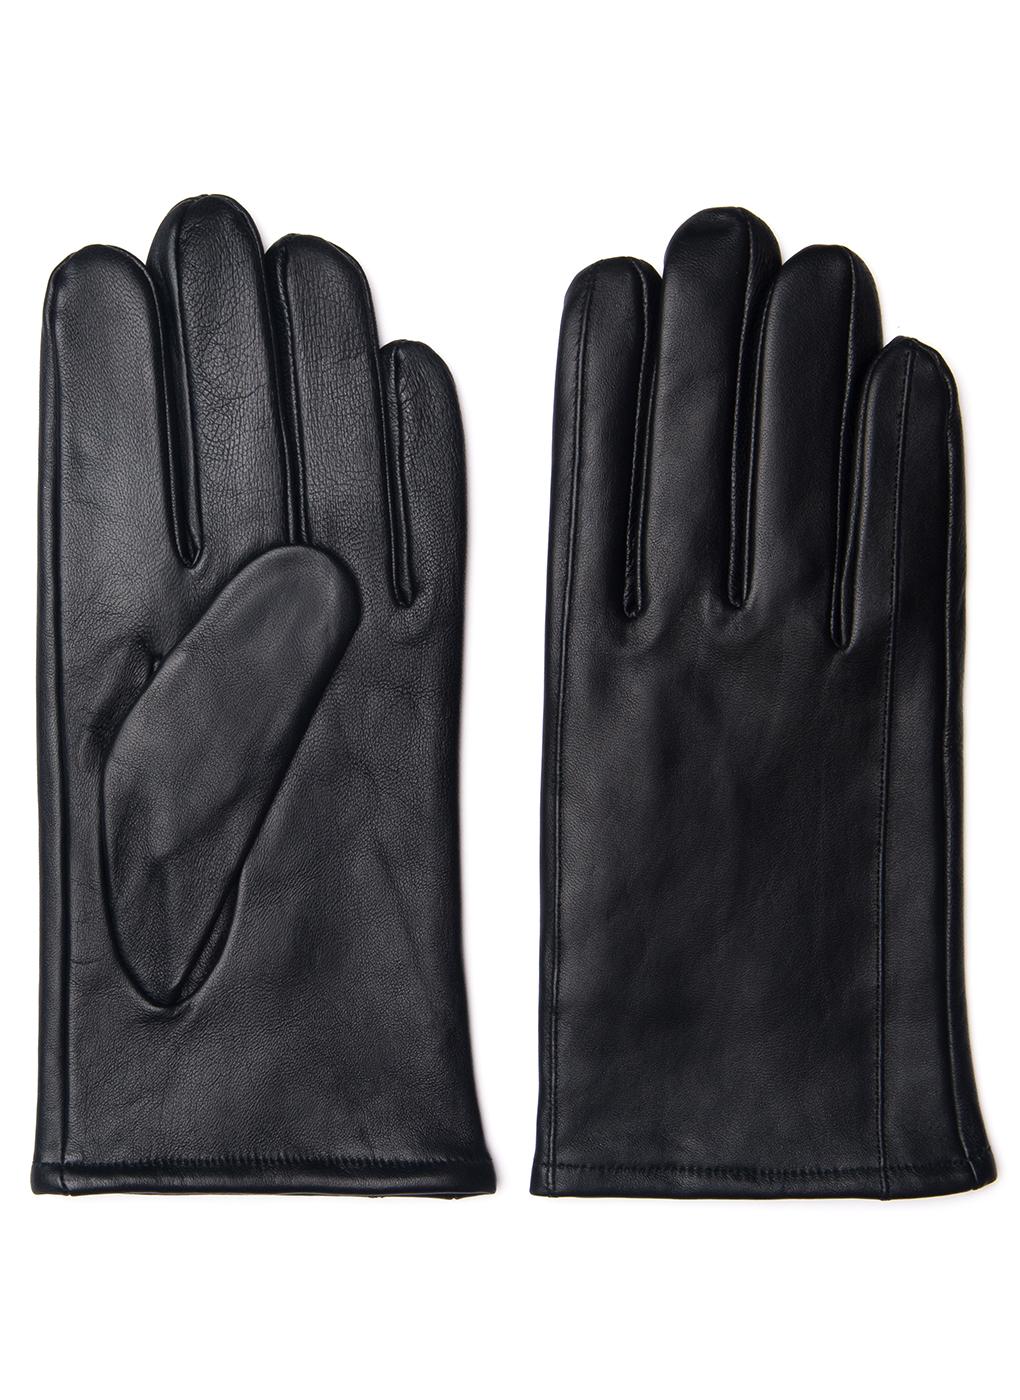 Перчатки кожаные мужские 03, Hannelore фото